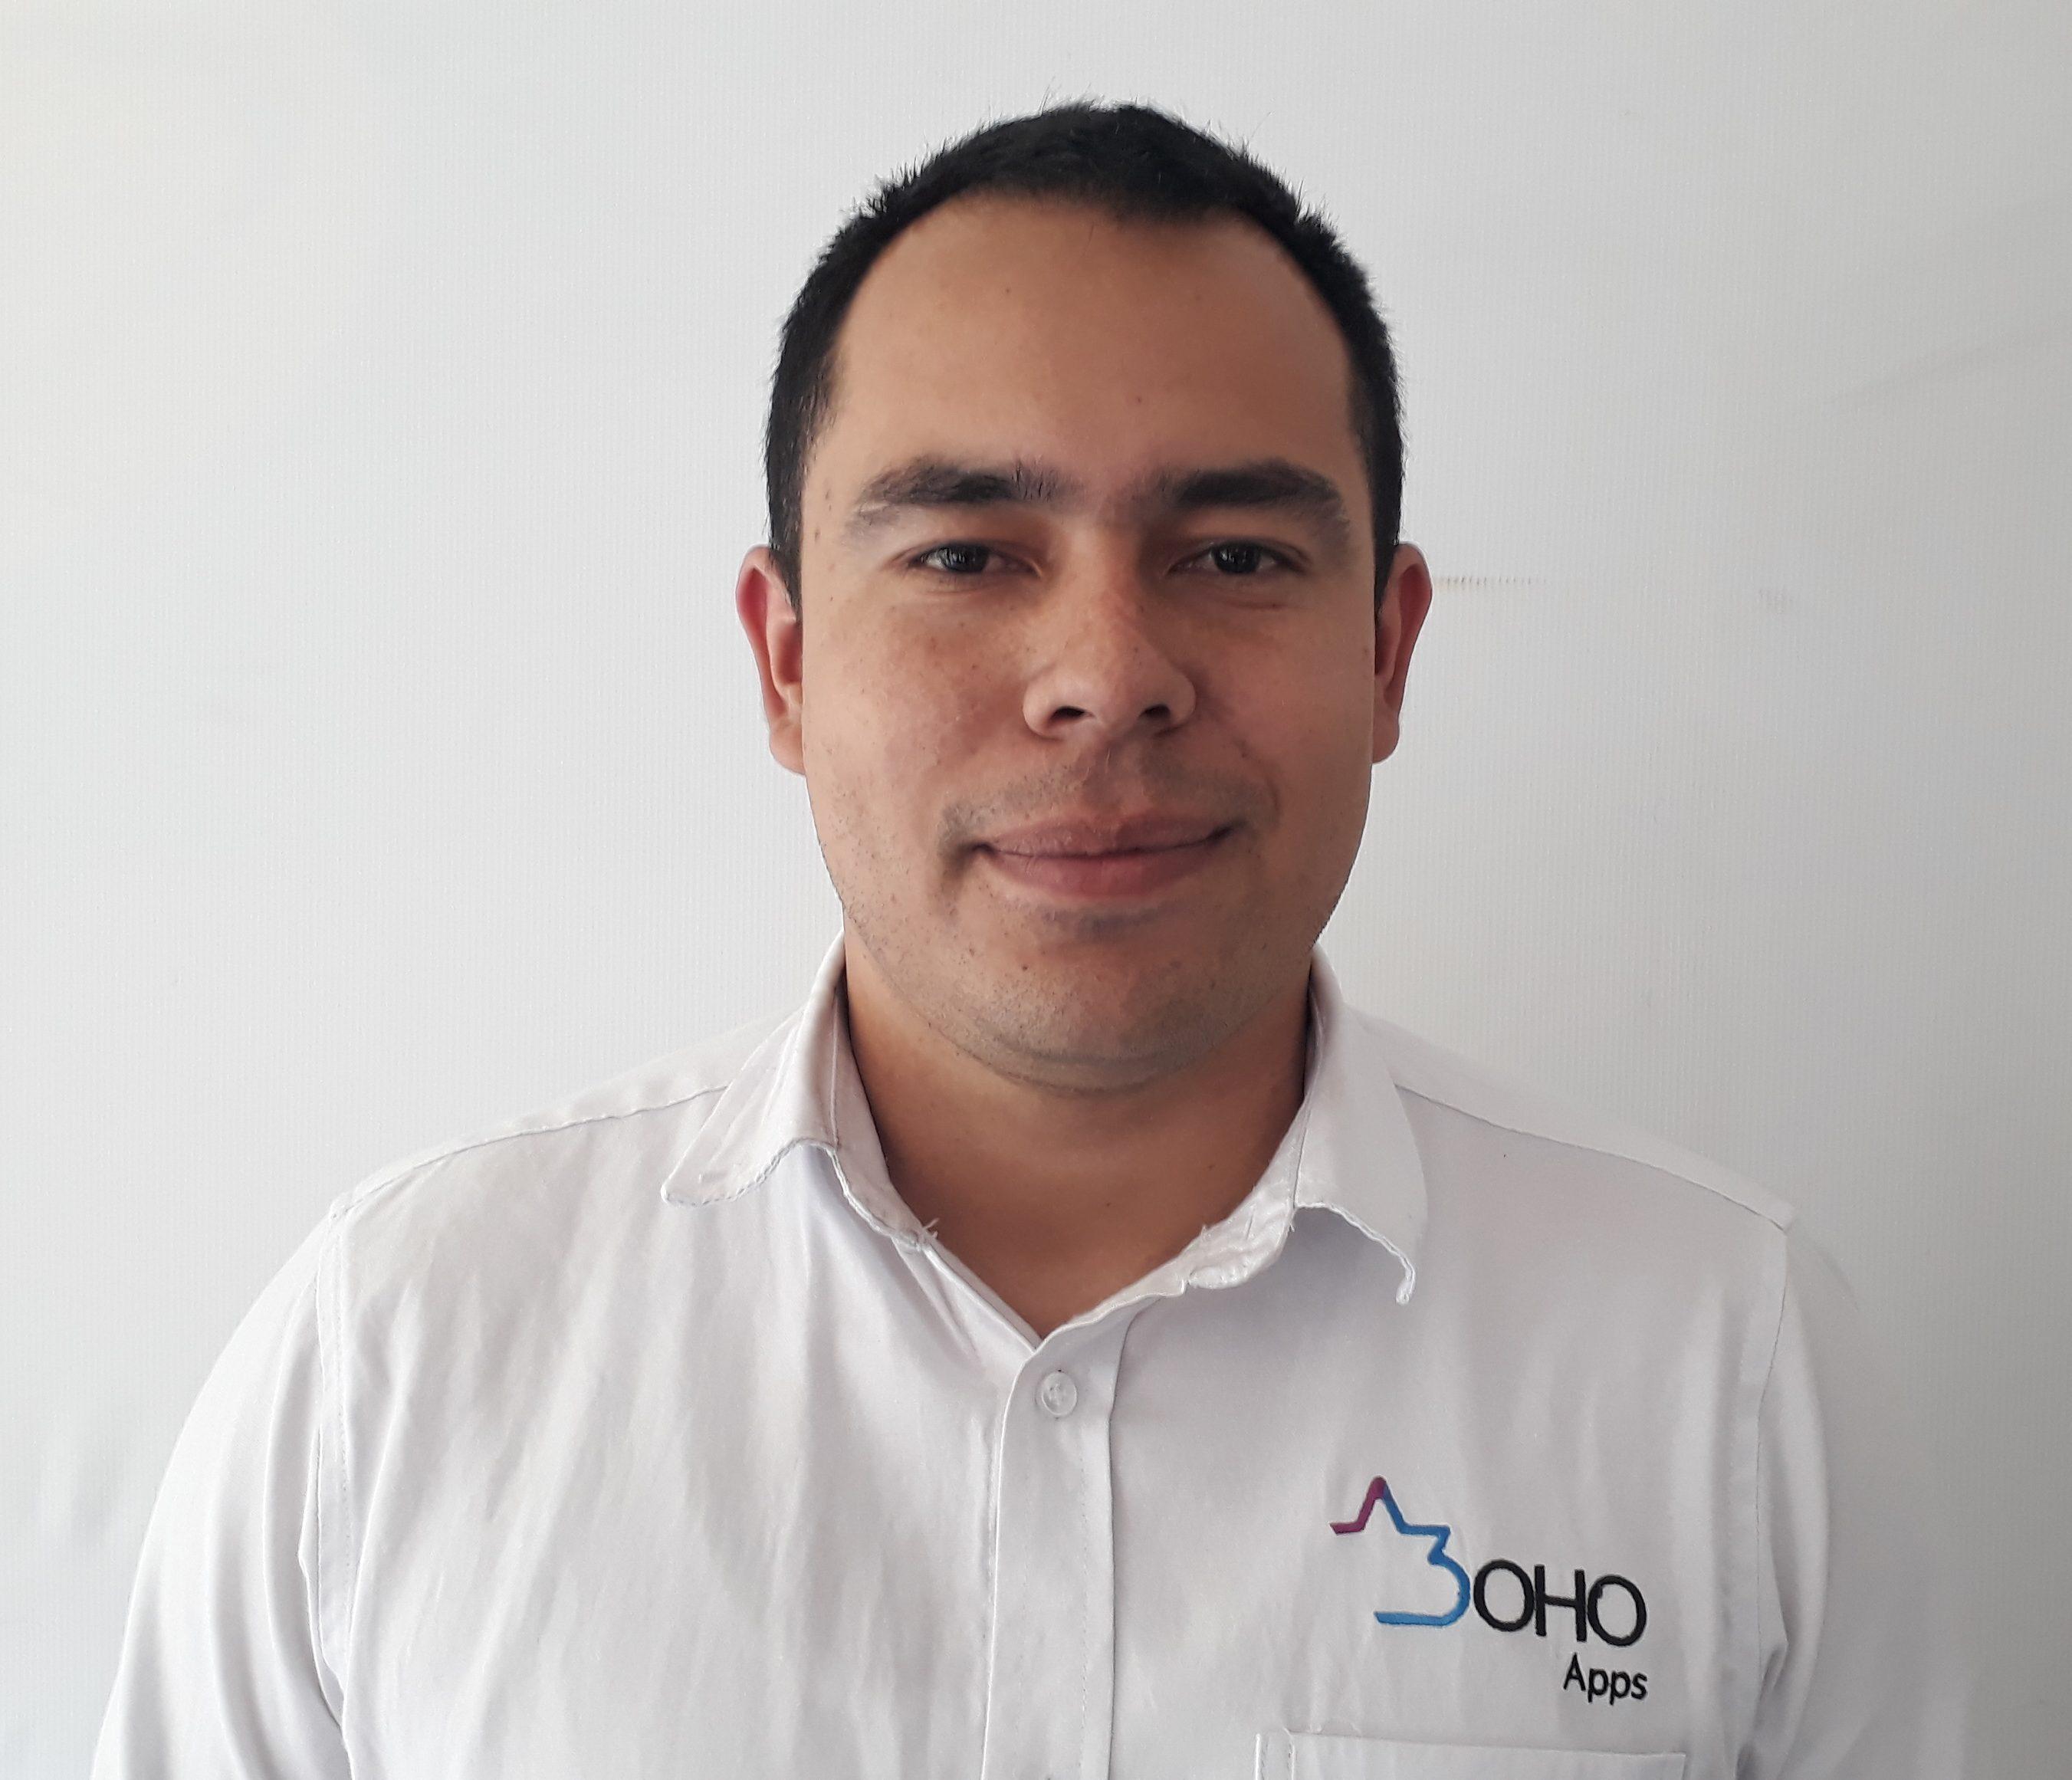 Dyan Trujillo